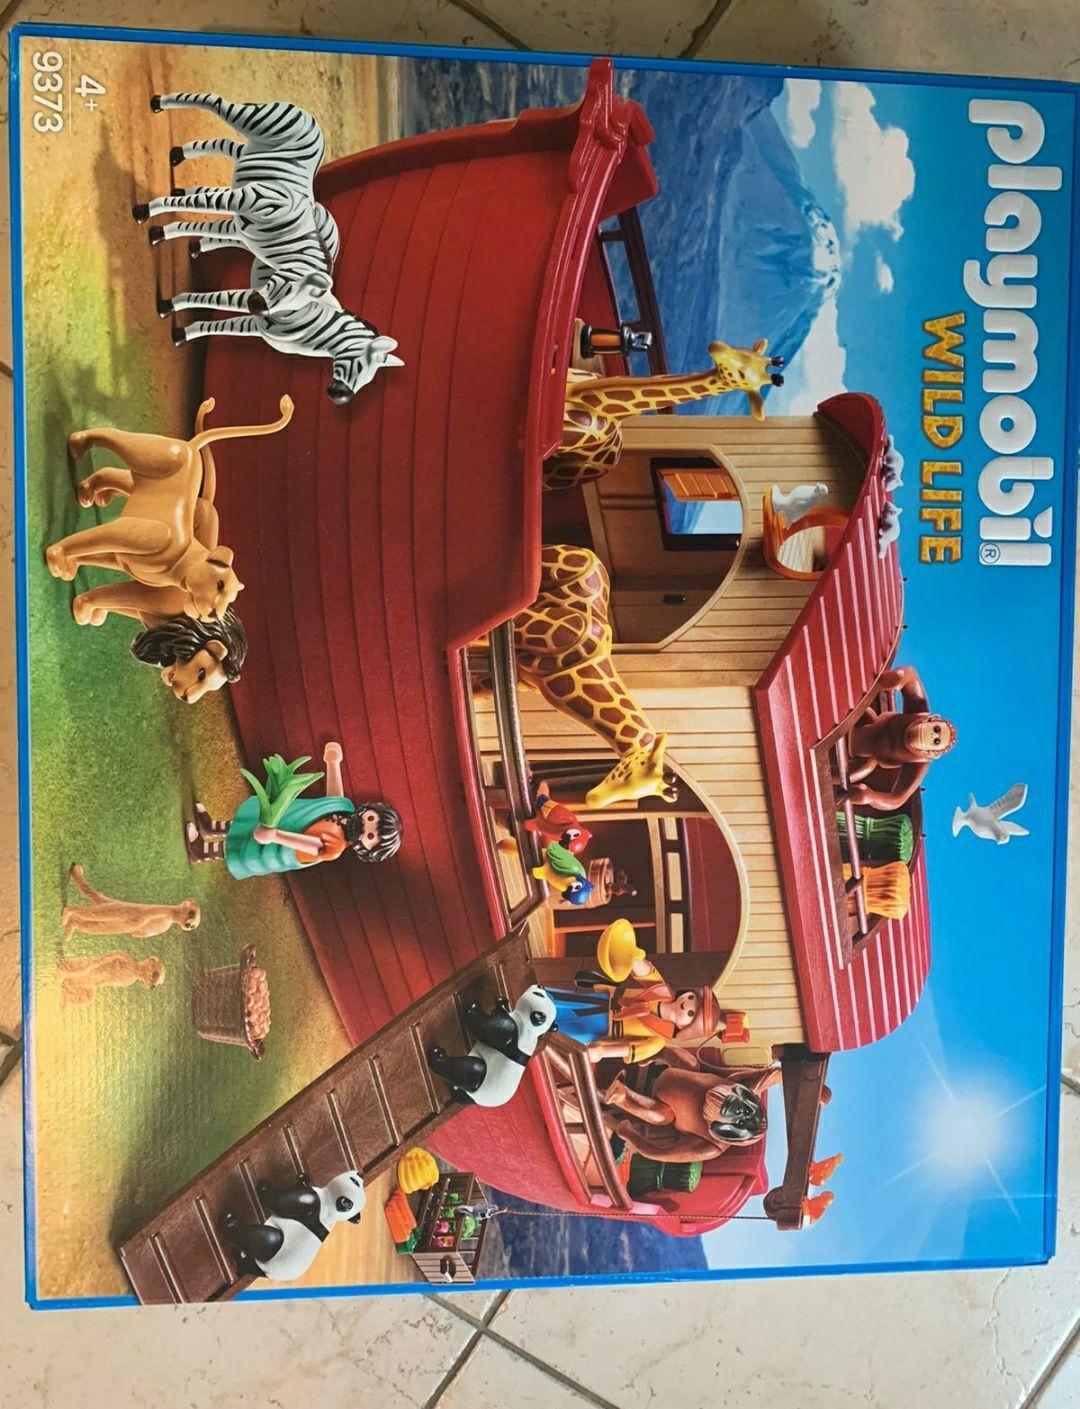 Sélection de Jouets Playmobil en Promotion - Ex: Wild Life 9373 - Claye-Souilly (77)